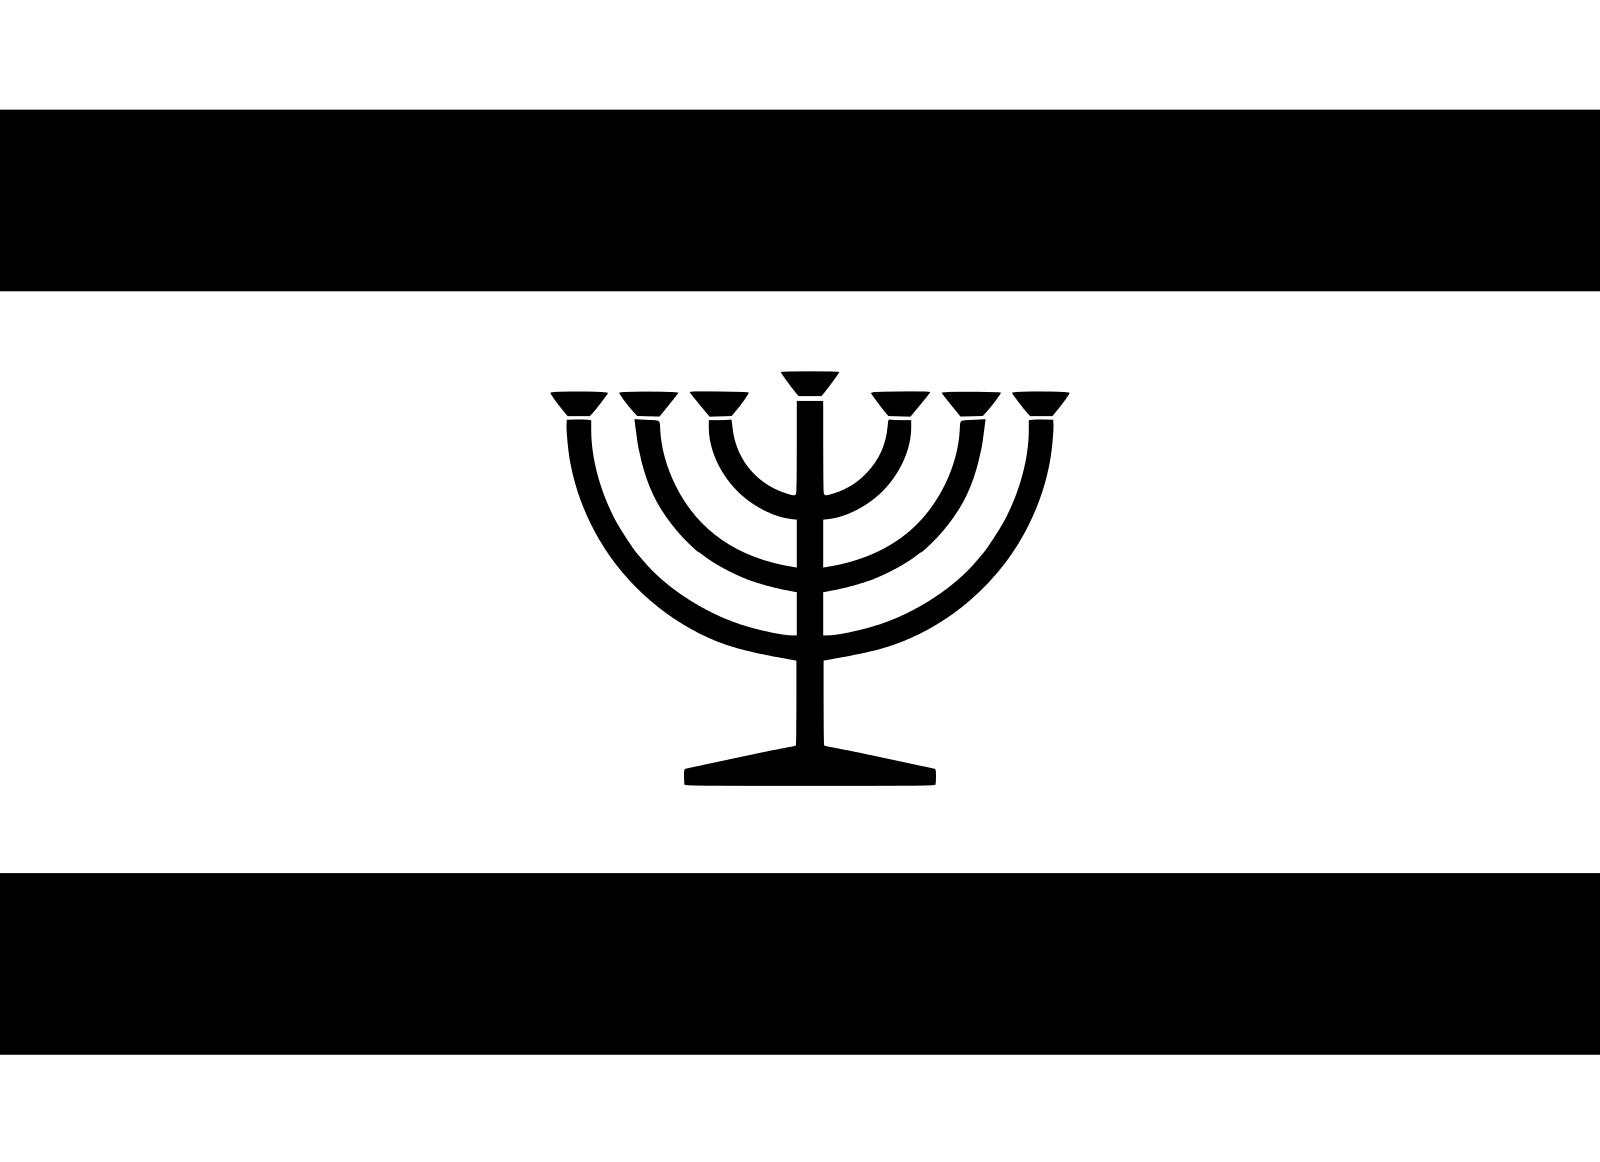 File Proposed Yiddish Flag Svg Wikimedia Commons Flag Art Unique Flags Yiddish